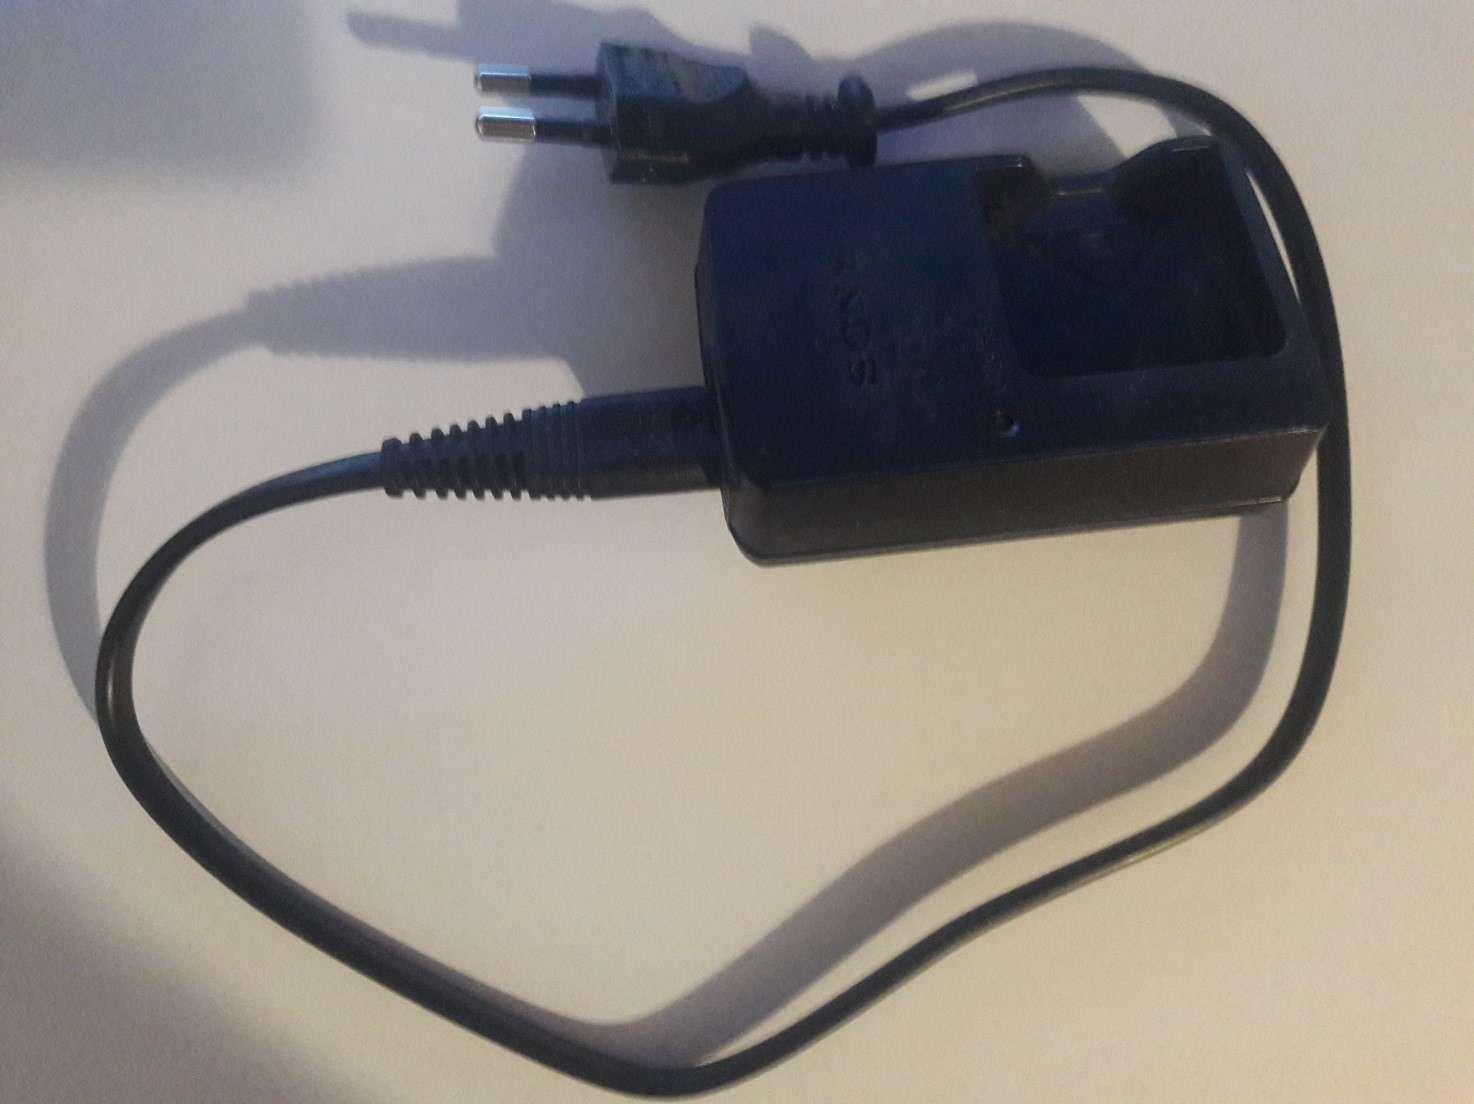 Не заряджається телефон — Способи розвязання проблеми